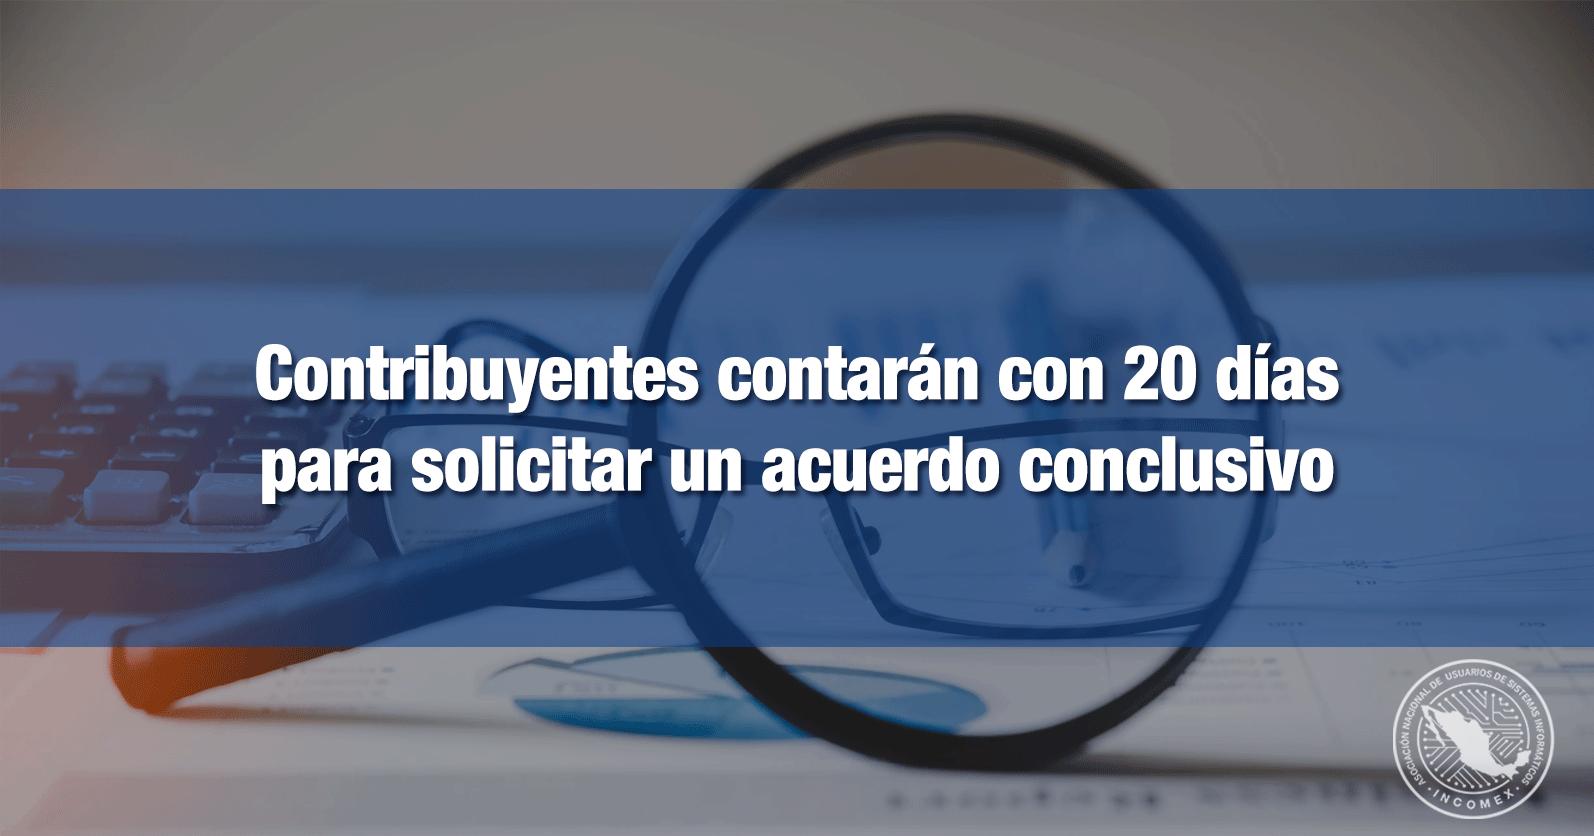 Contribuyentes contarán con 20 días para solicitar un acuerdo conclusivo